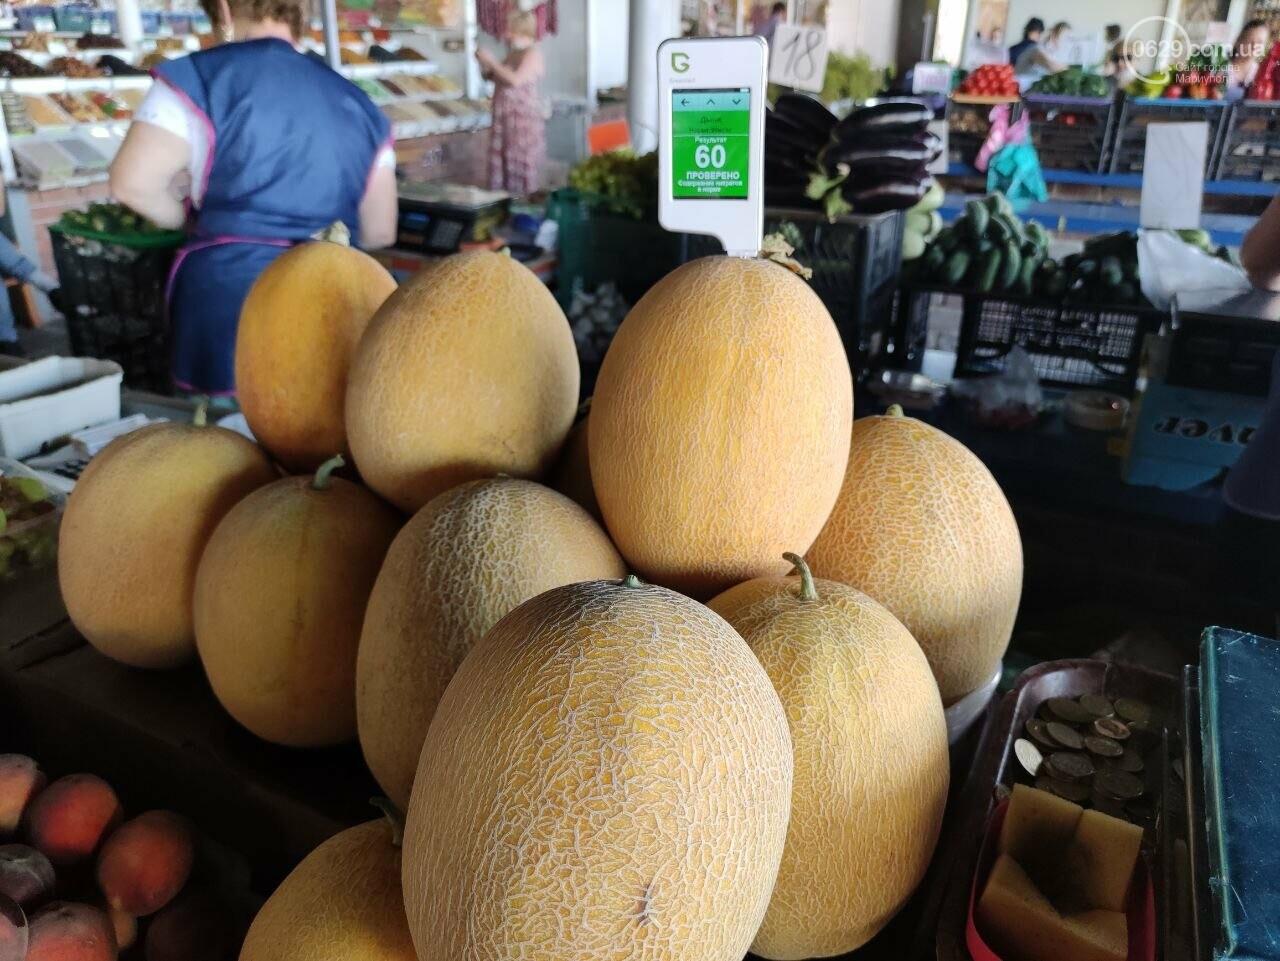 Проверка на нитраты в Мариуполе: опасные дыни в супермаркете и злые продавцы на рынке, - ФОТО, ВИДЕО, фото-22